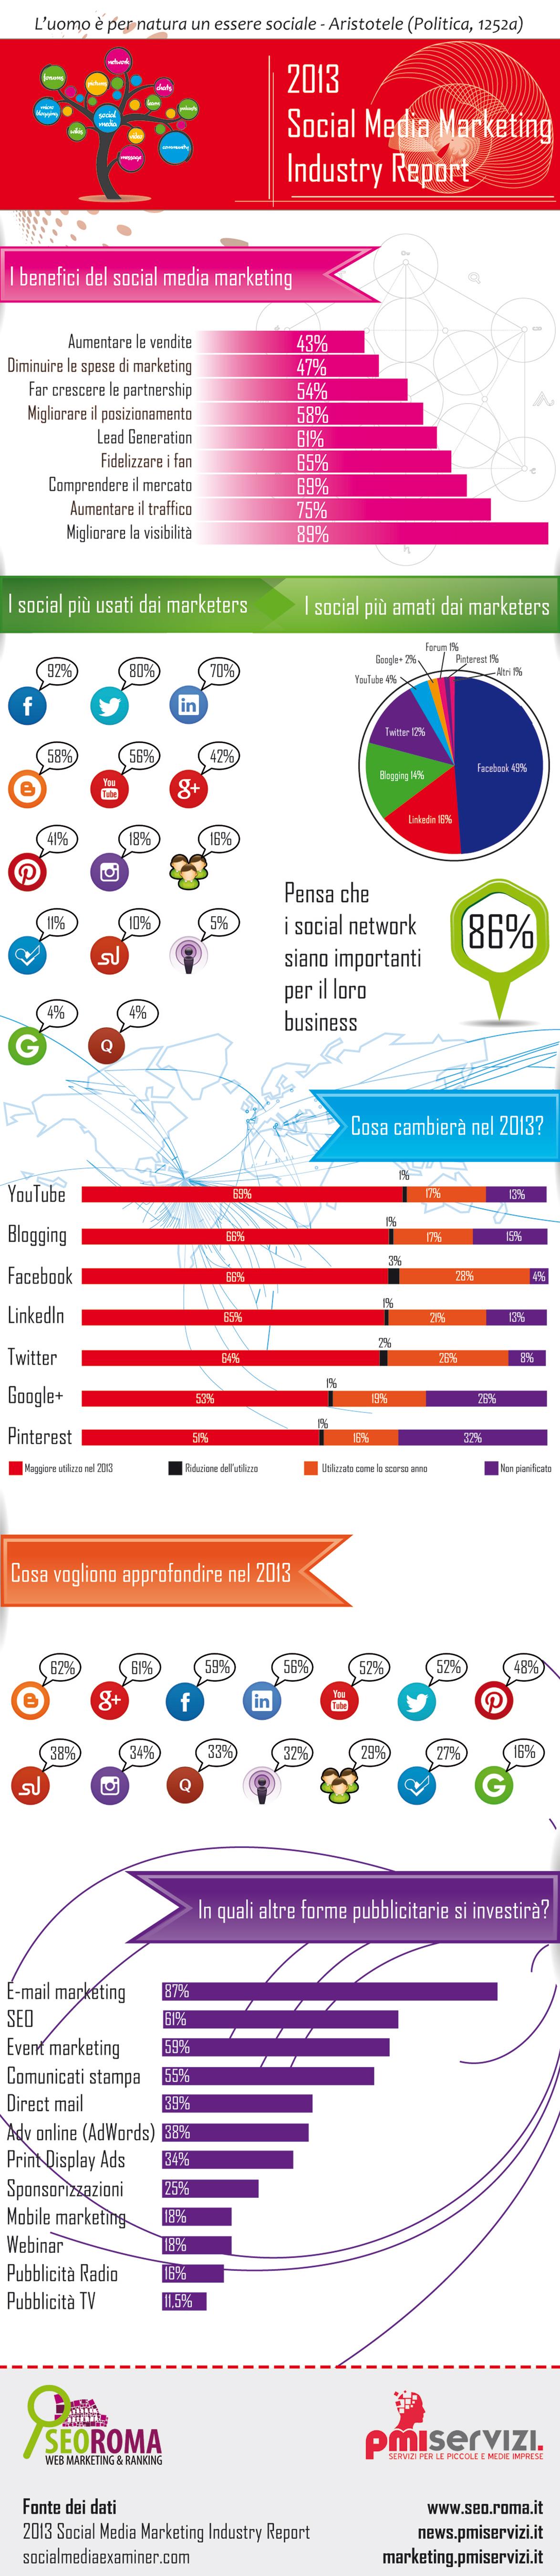 Social Media Marketing Industry Report 2013